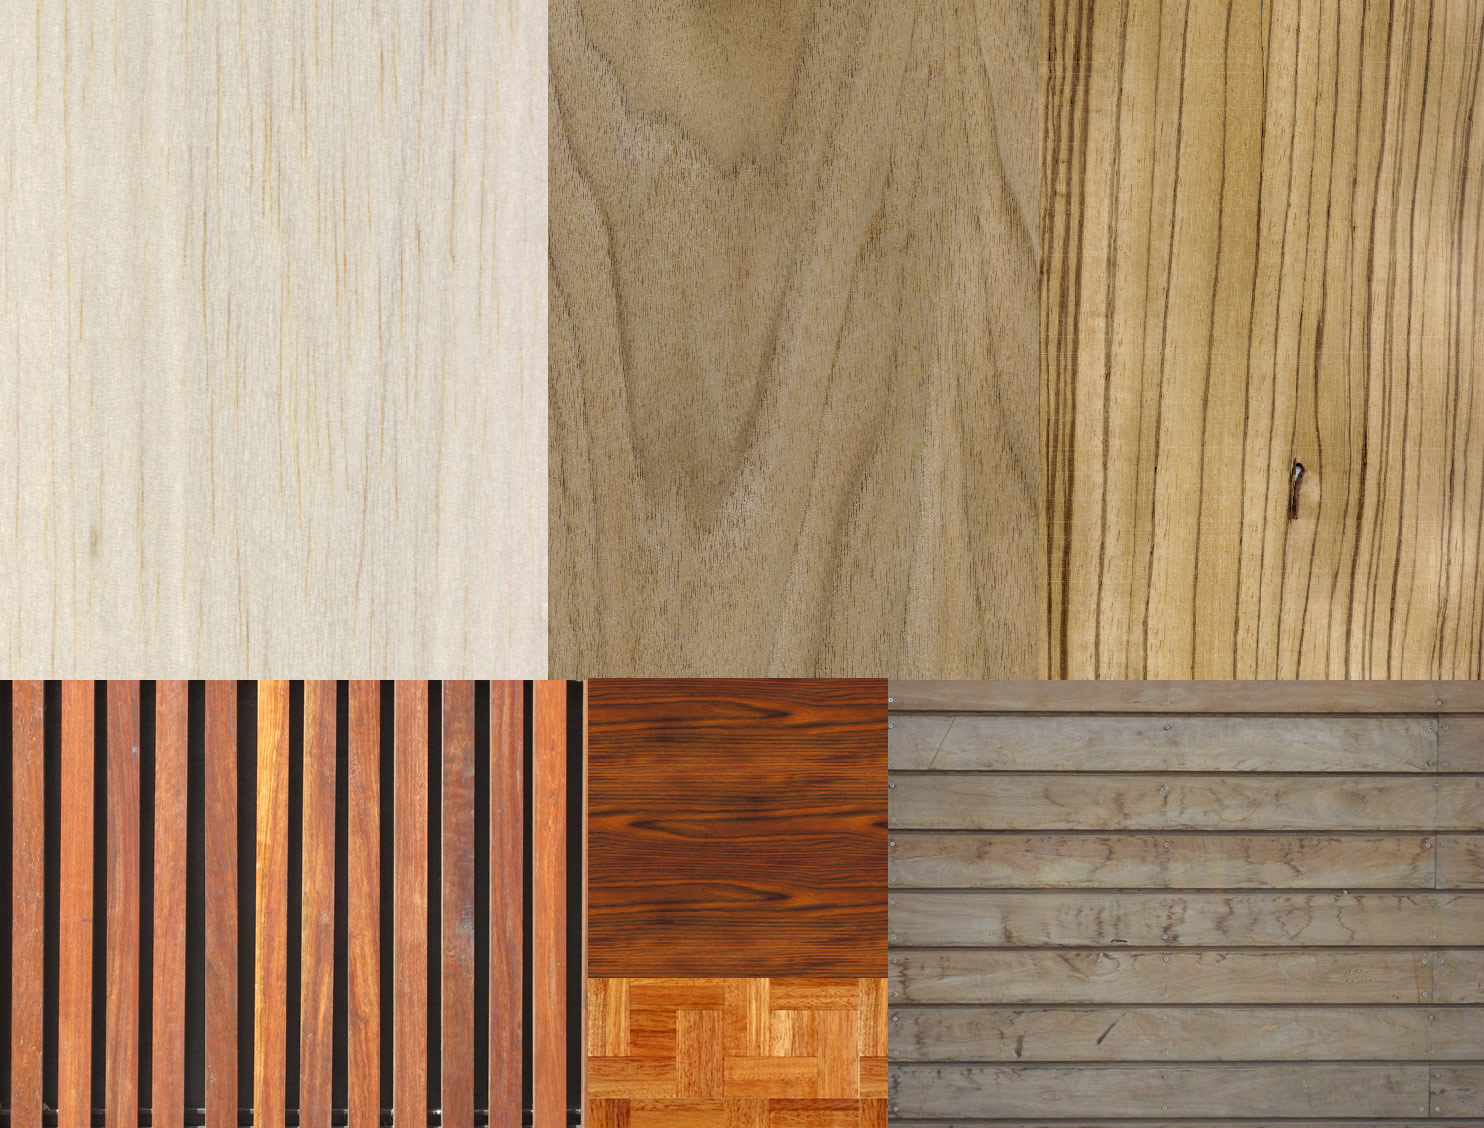 imagen Textura madera, en Madera - Texturas